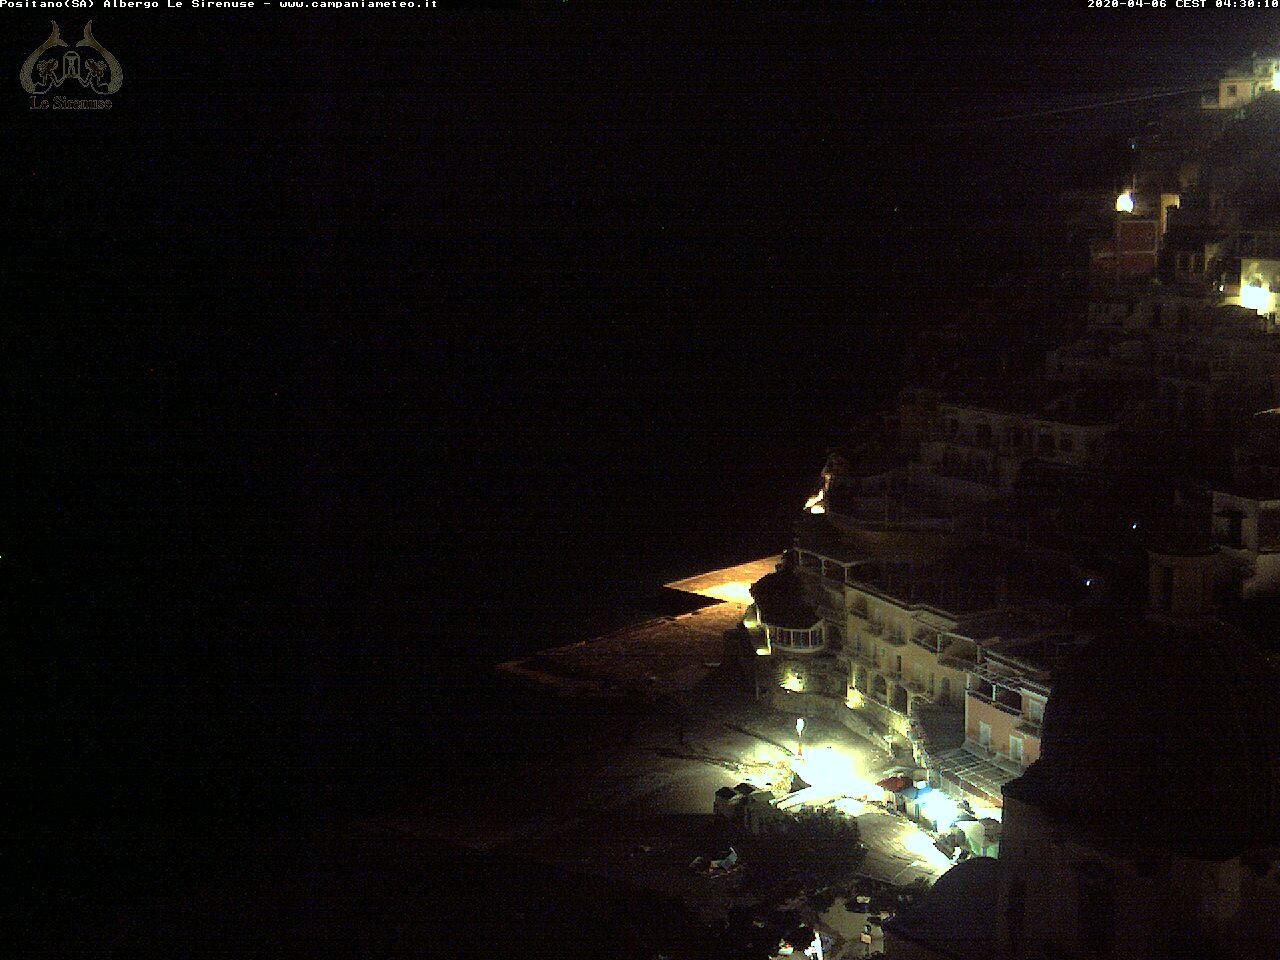 Panorama di Positano, offerto da [url]http://www.sirenuse.it[/url]